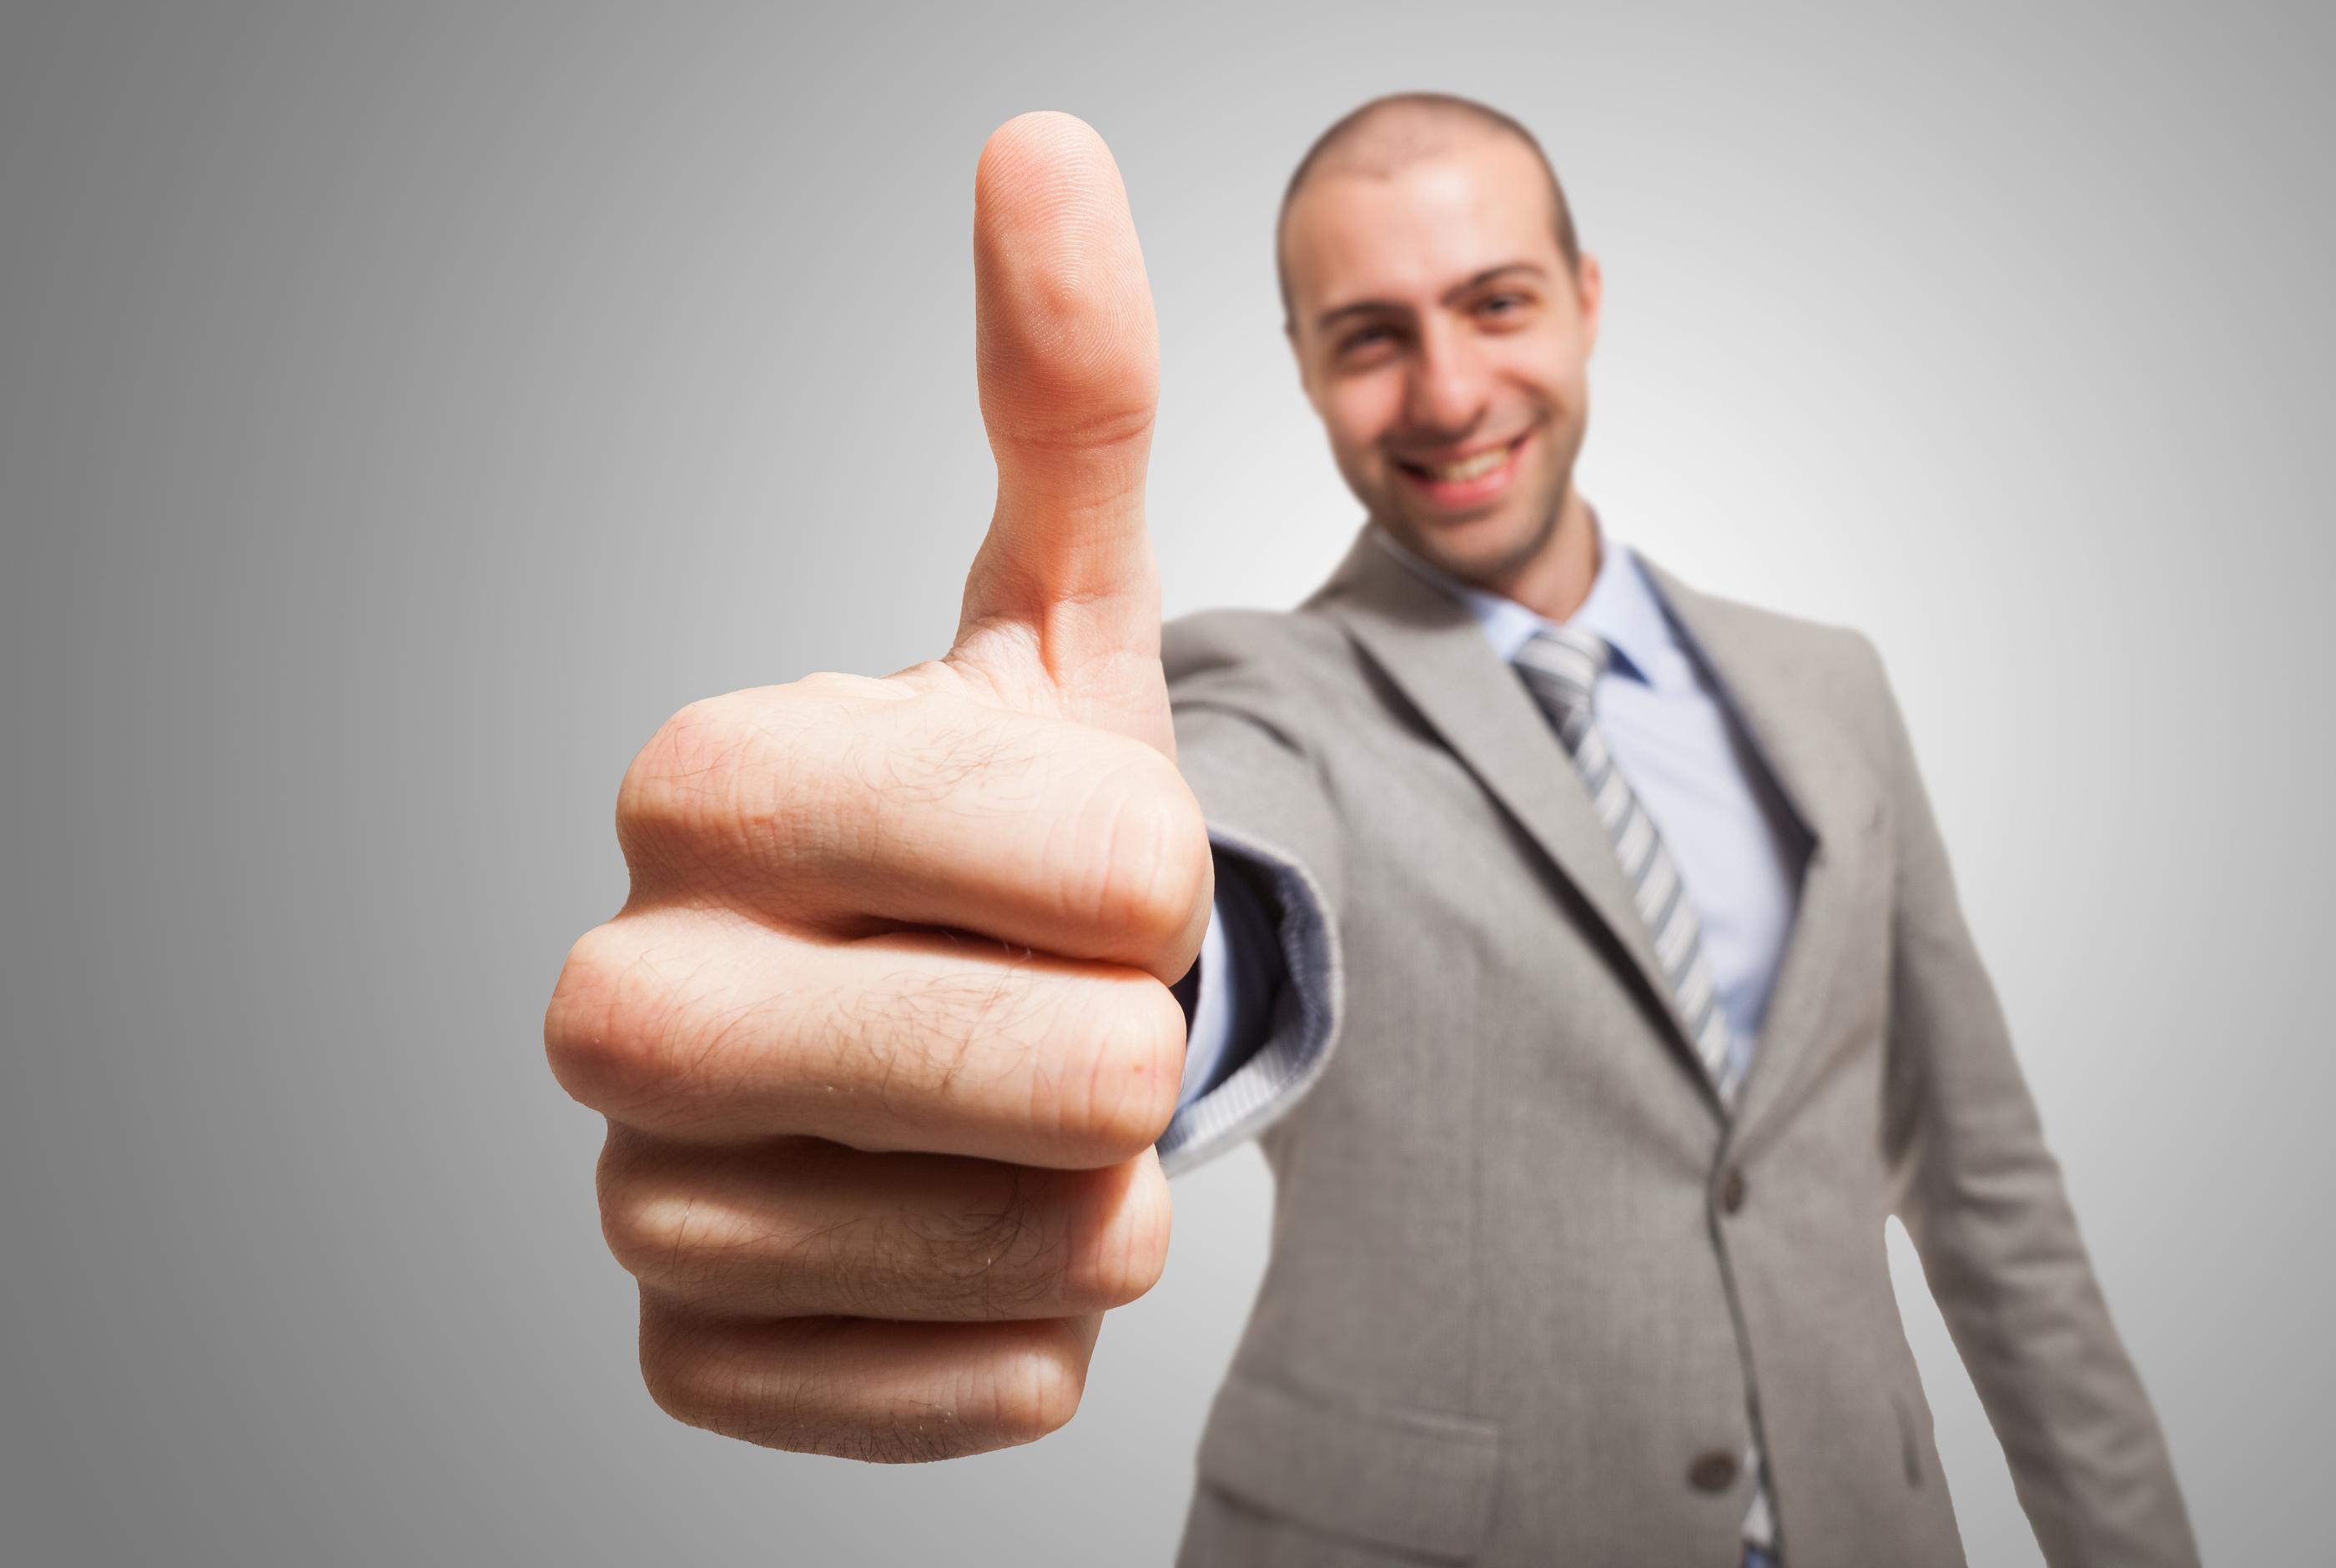 картинки руки с большим пальцем вверх